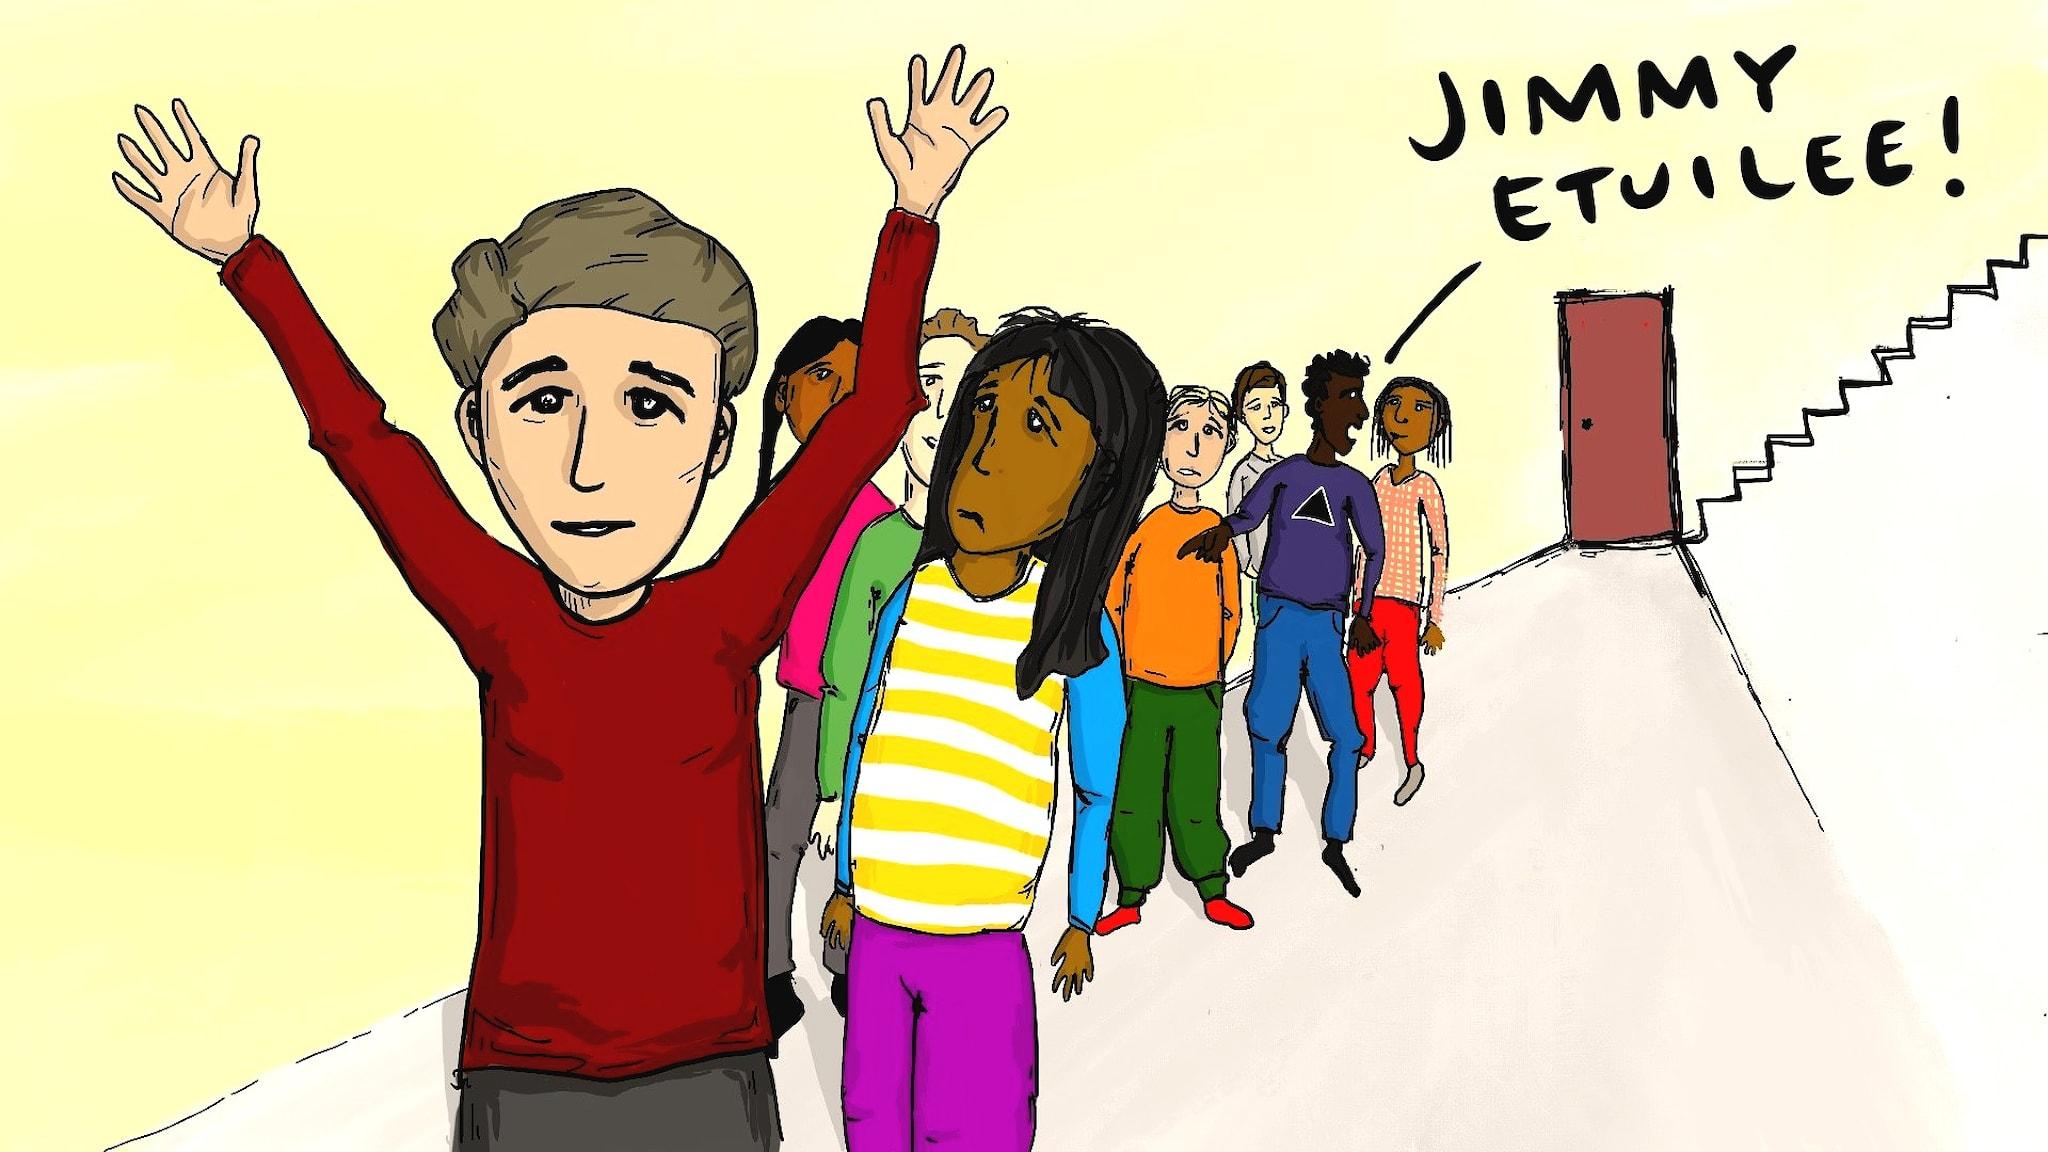 Piirros Jimmystä kun hän etuilee ruokajonossa